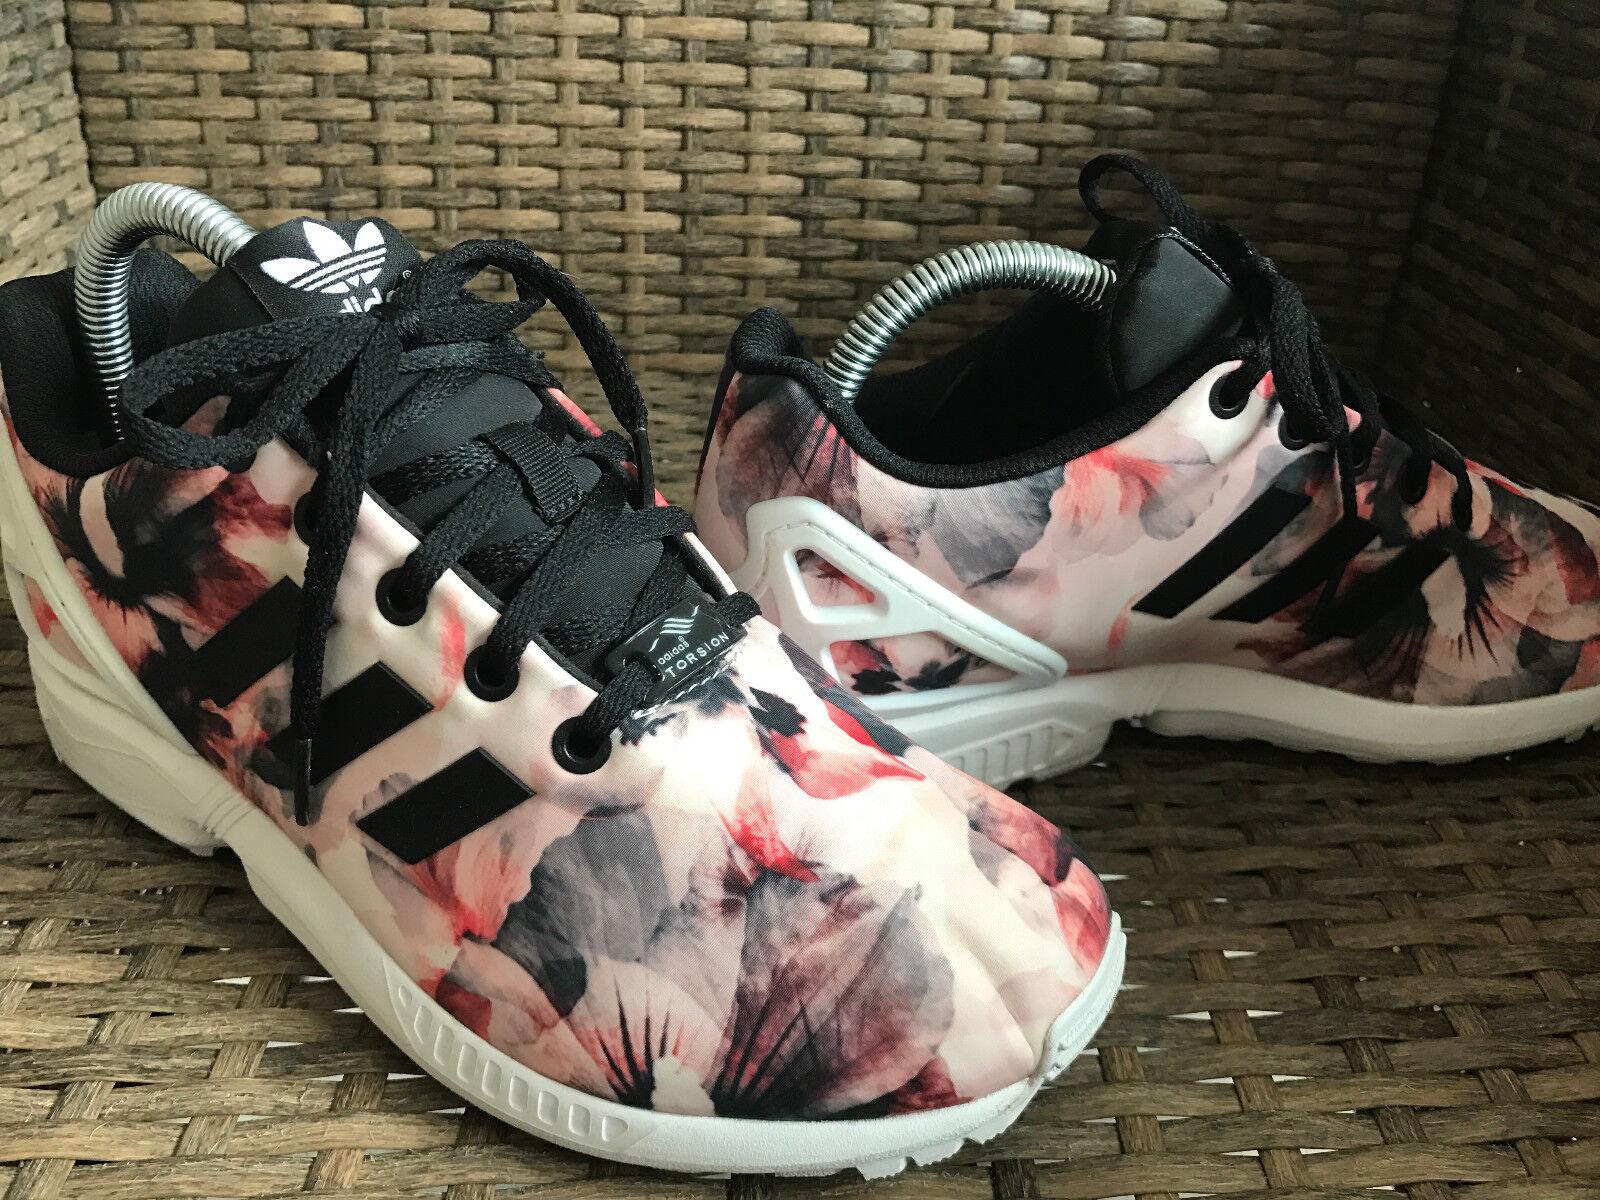 Adidas Originals - ZX FLUX - Core schwarz Weiß Multi - Gr. 38 2 3 - 2x getragen     |  | Preisreduktion  | Spielen Sie Leidenschaft, spielen Sie die Ernte, spielen Sie die Welt